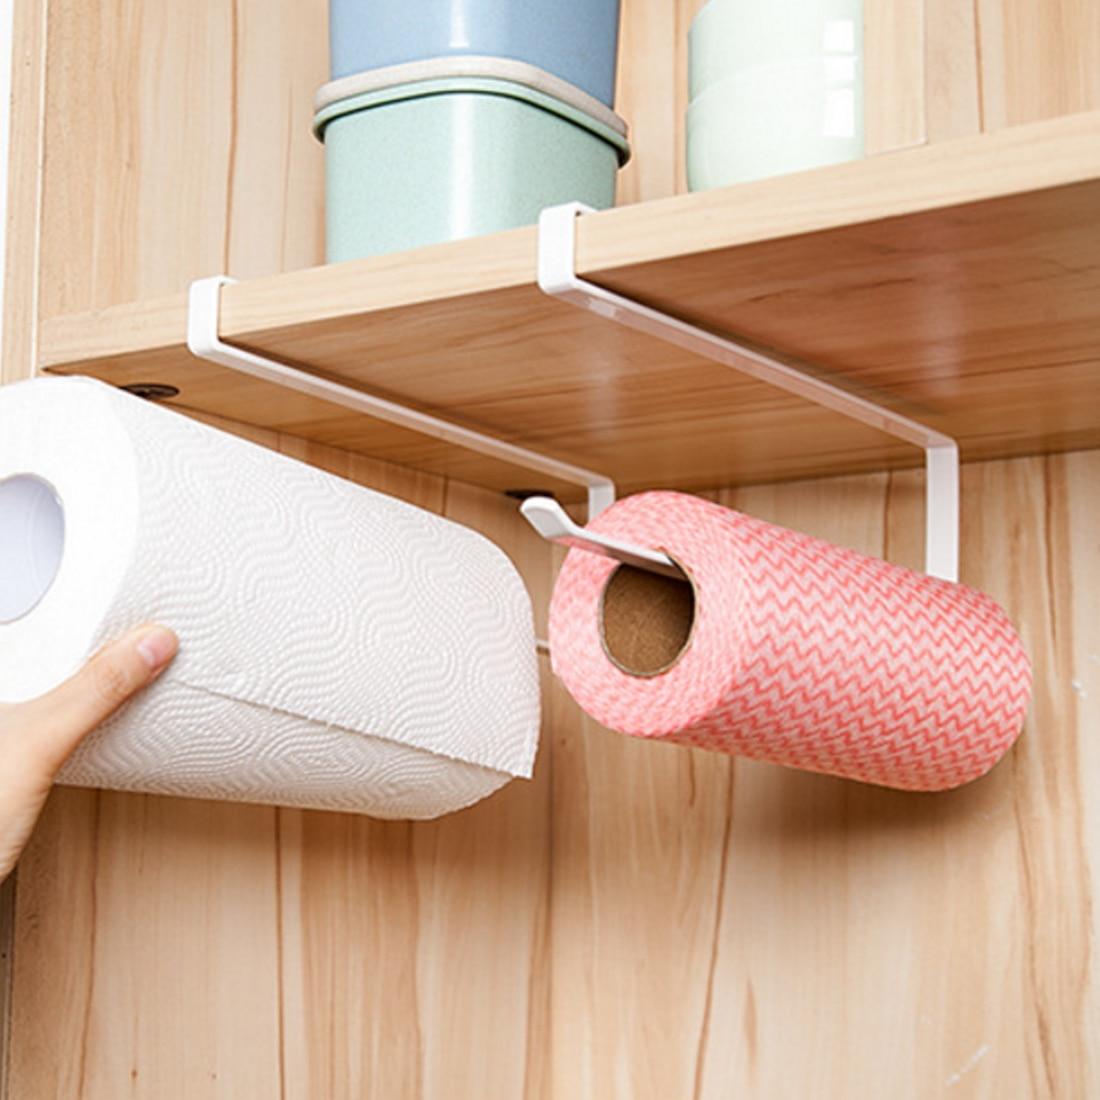 Новый Дизайн туалетной Бумага полка висит крюк двери Бумага вешалка раковина рулон Полот ...